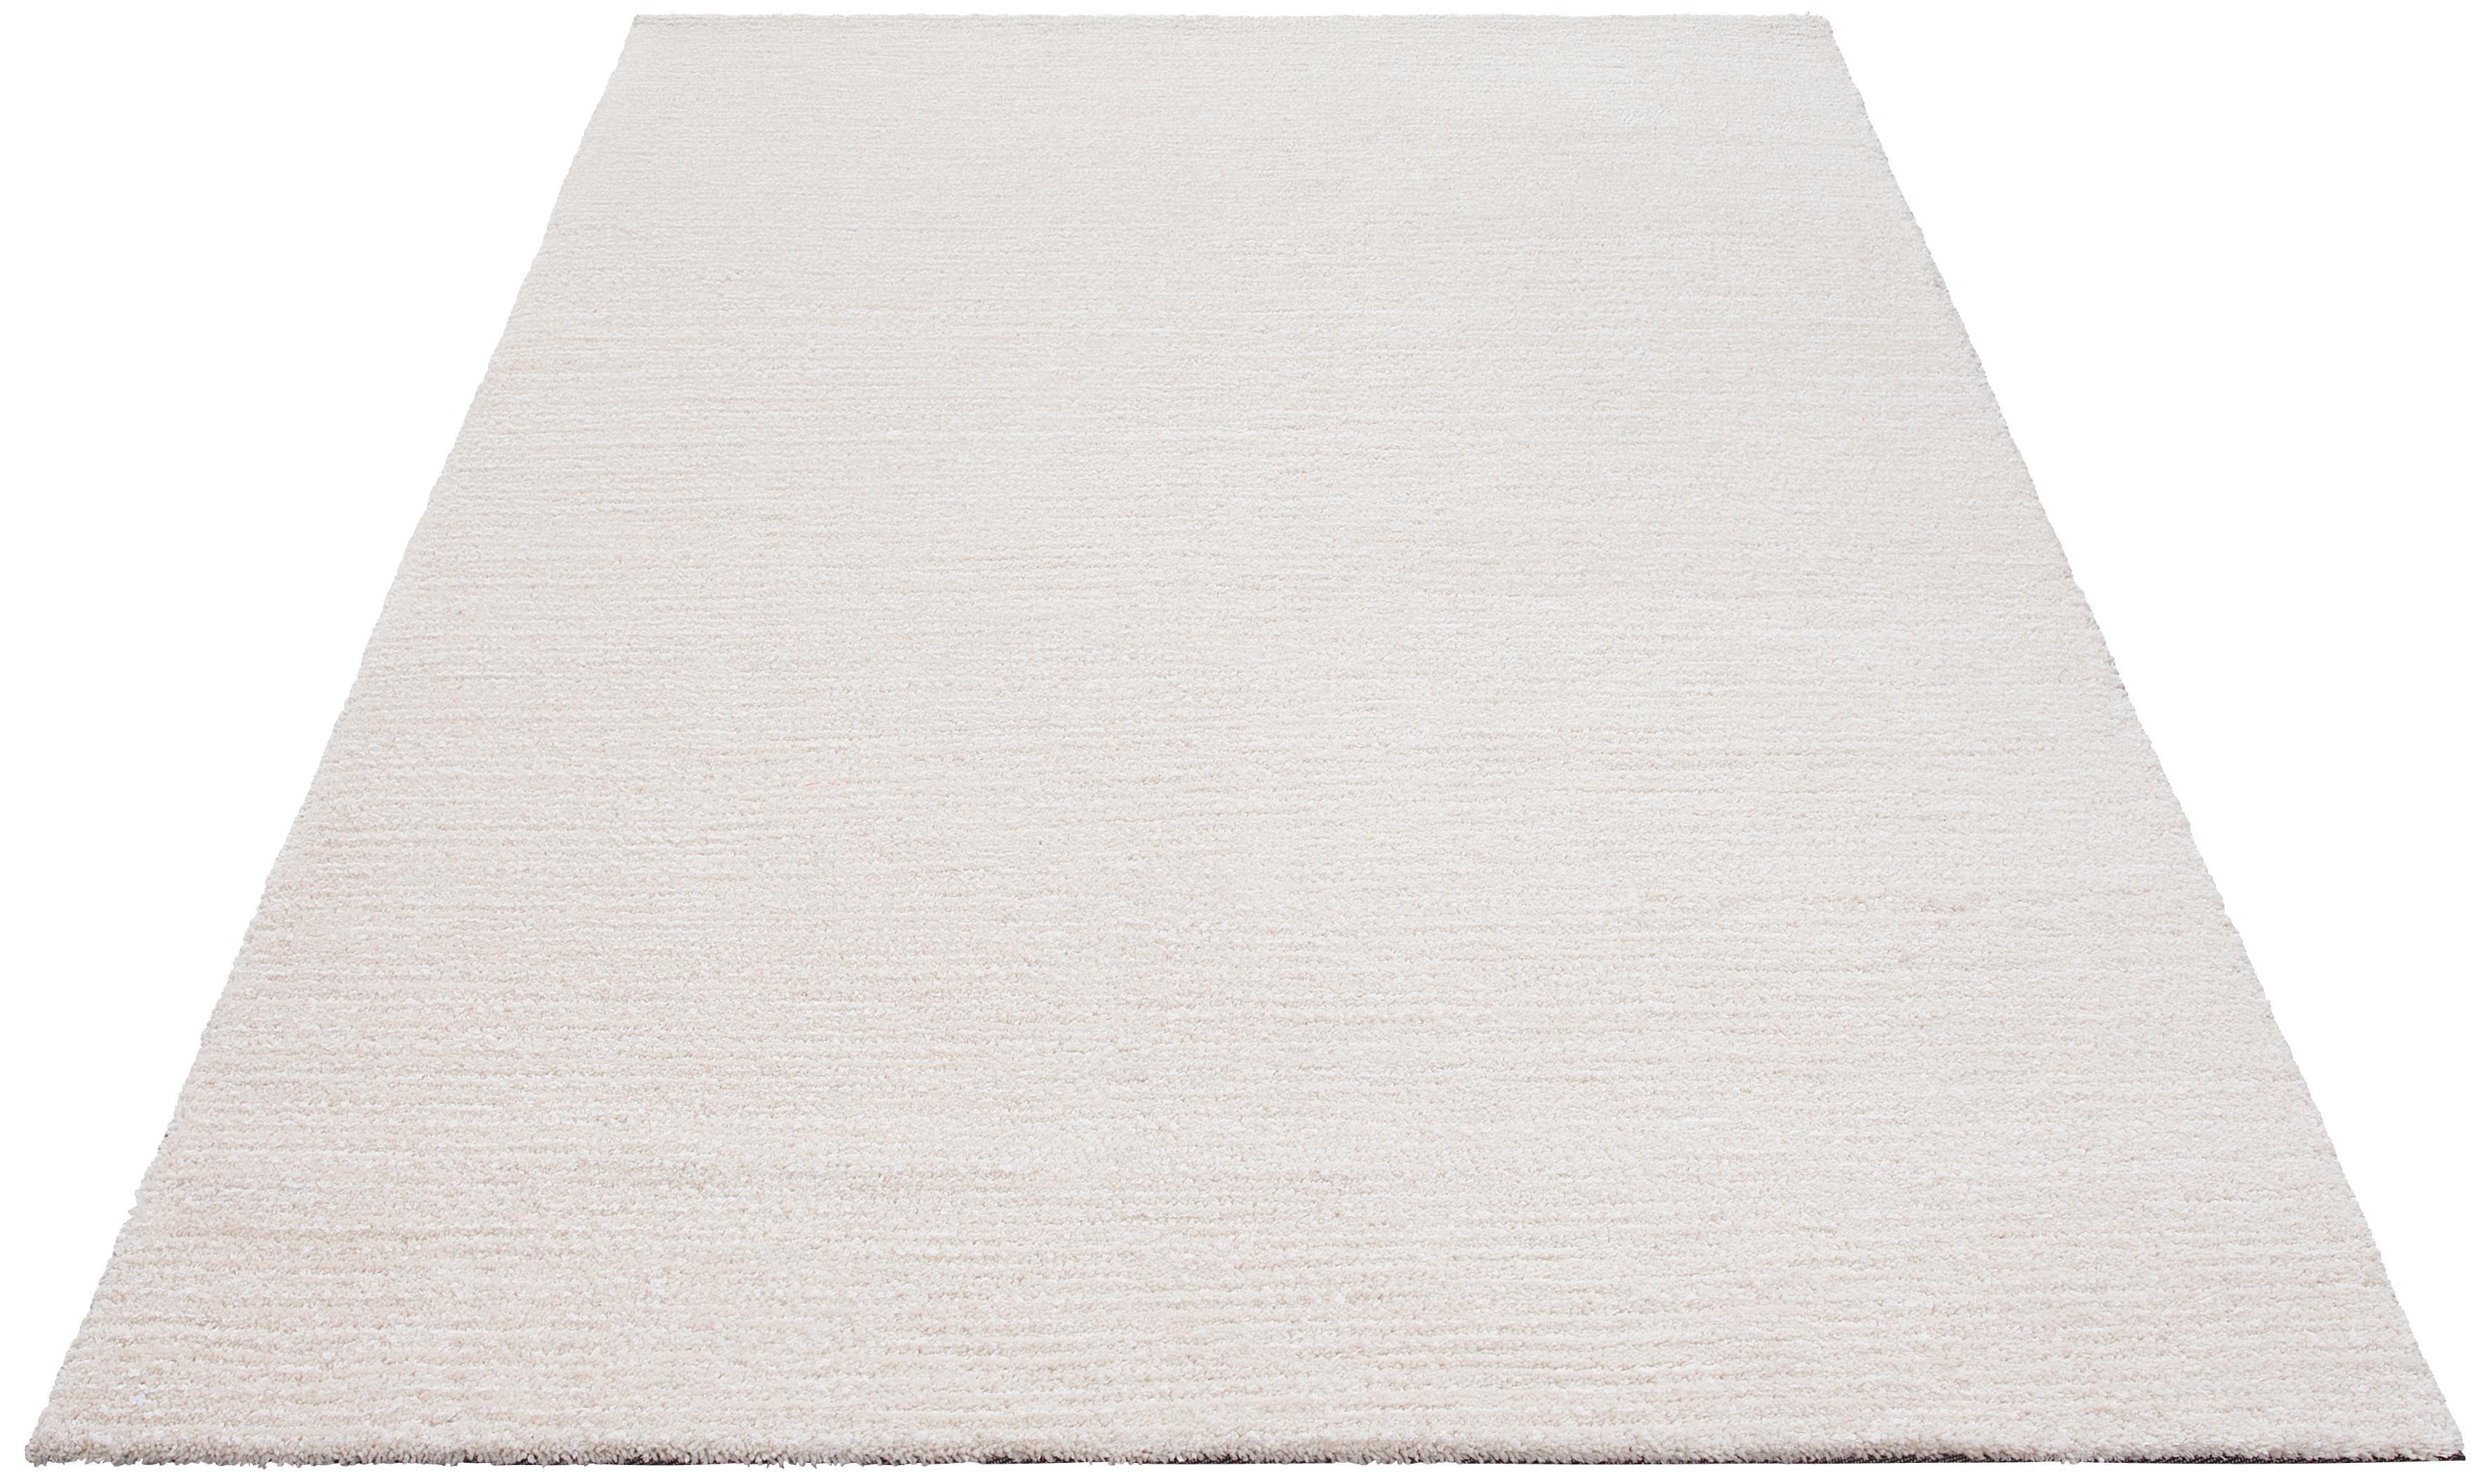 Teppich Glennie my home rechteckig Höhe 10 mm maschinell getuftet